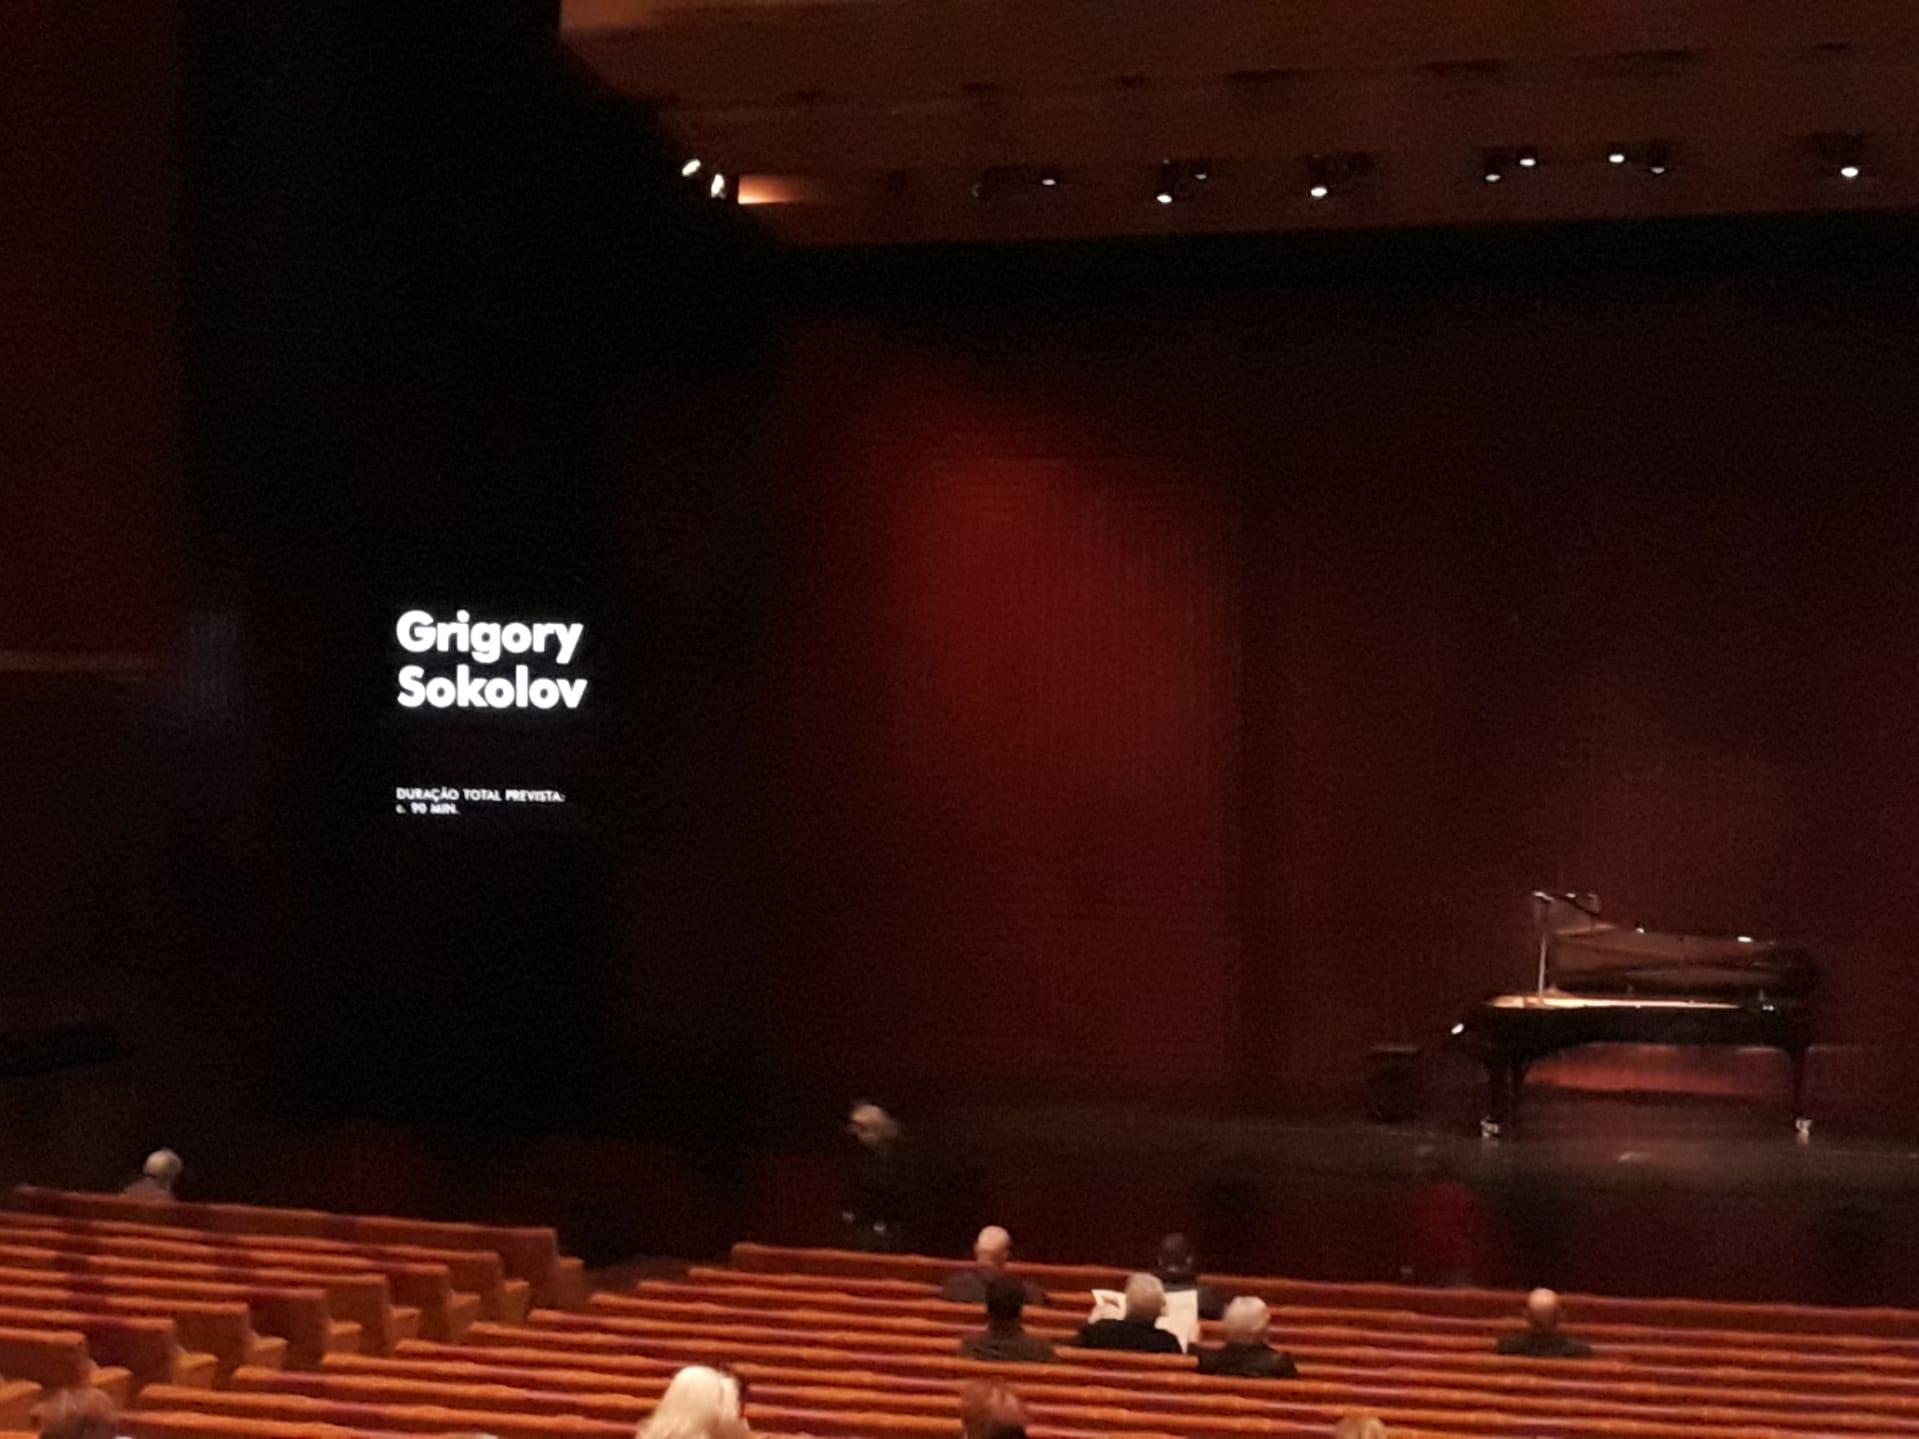 Григорий Соколов вернул публику в лучший концертный зал Португалии